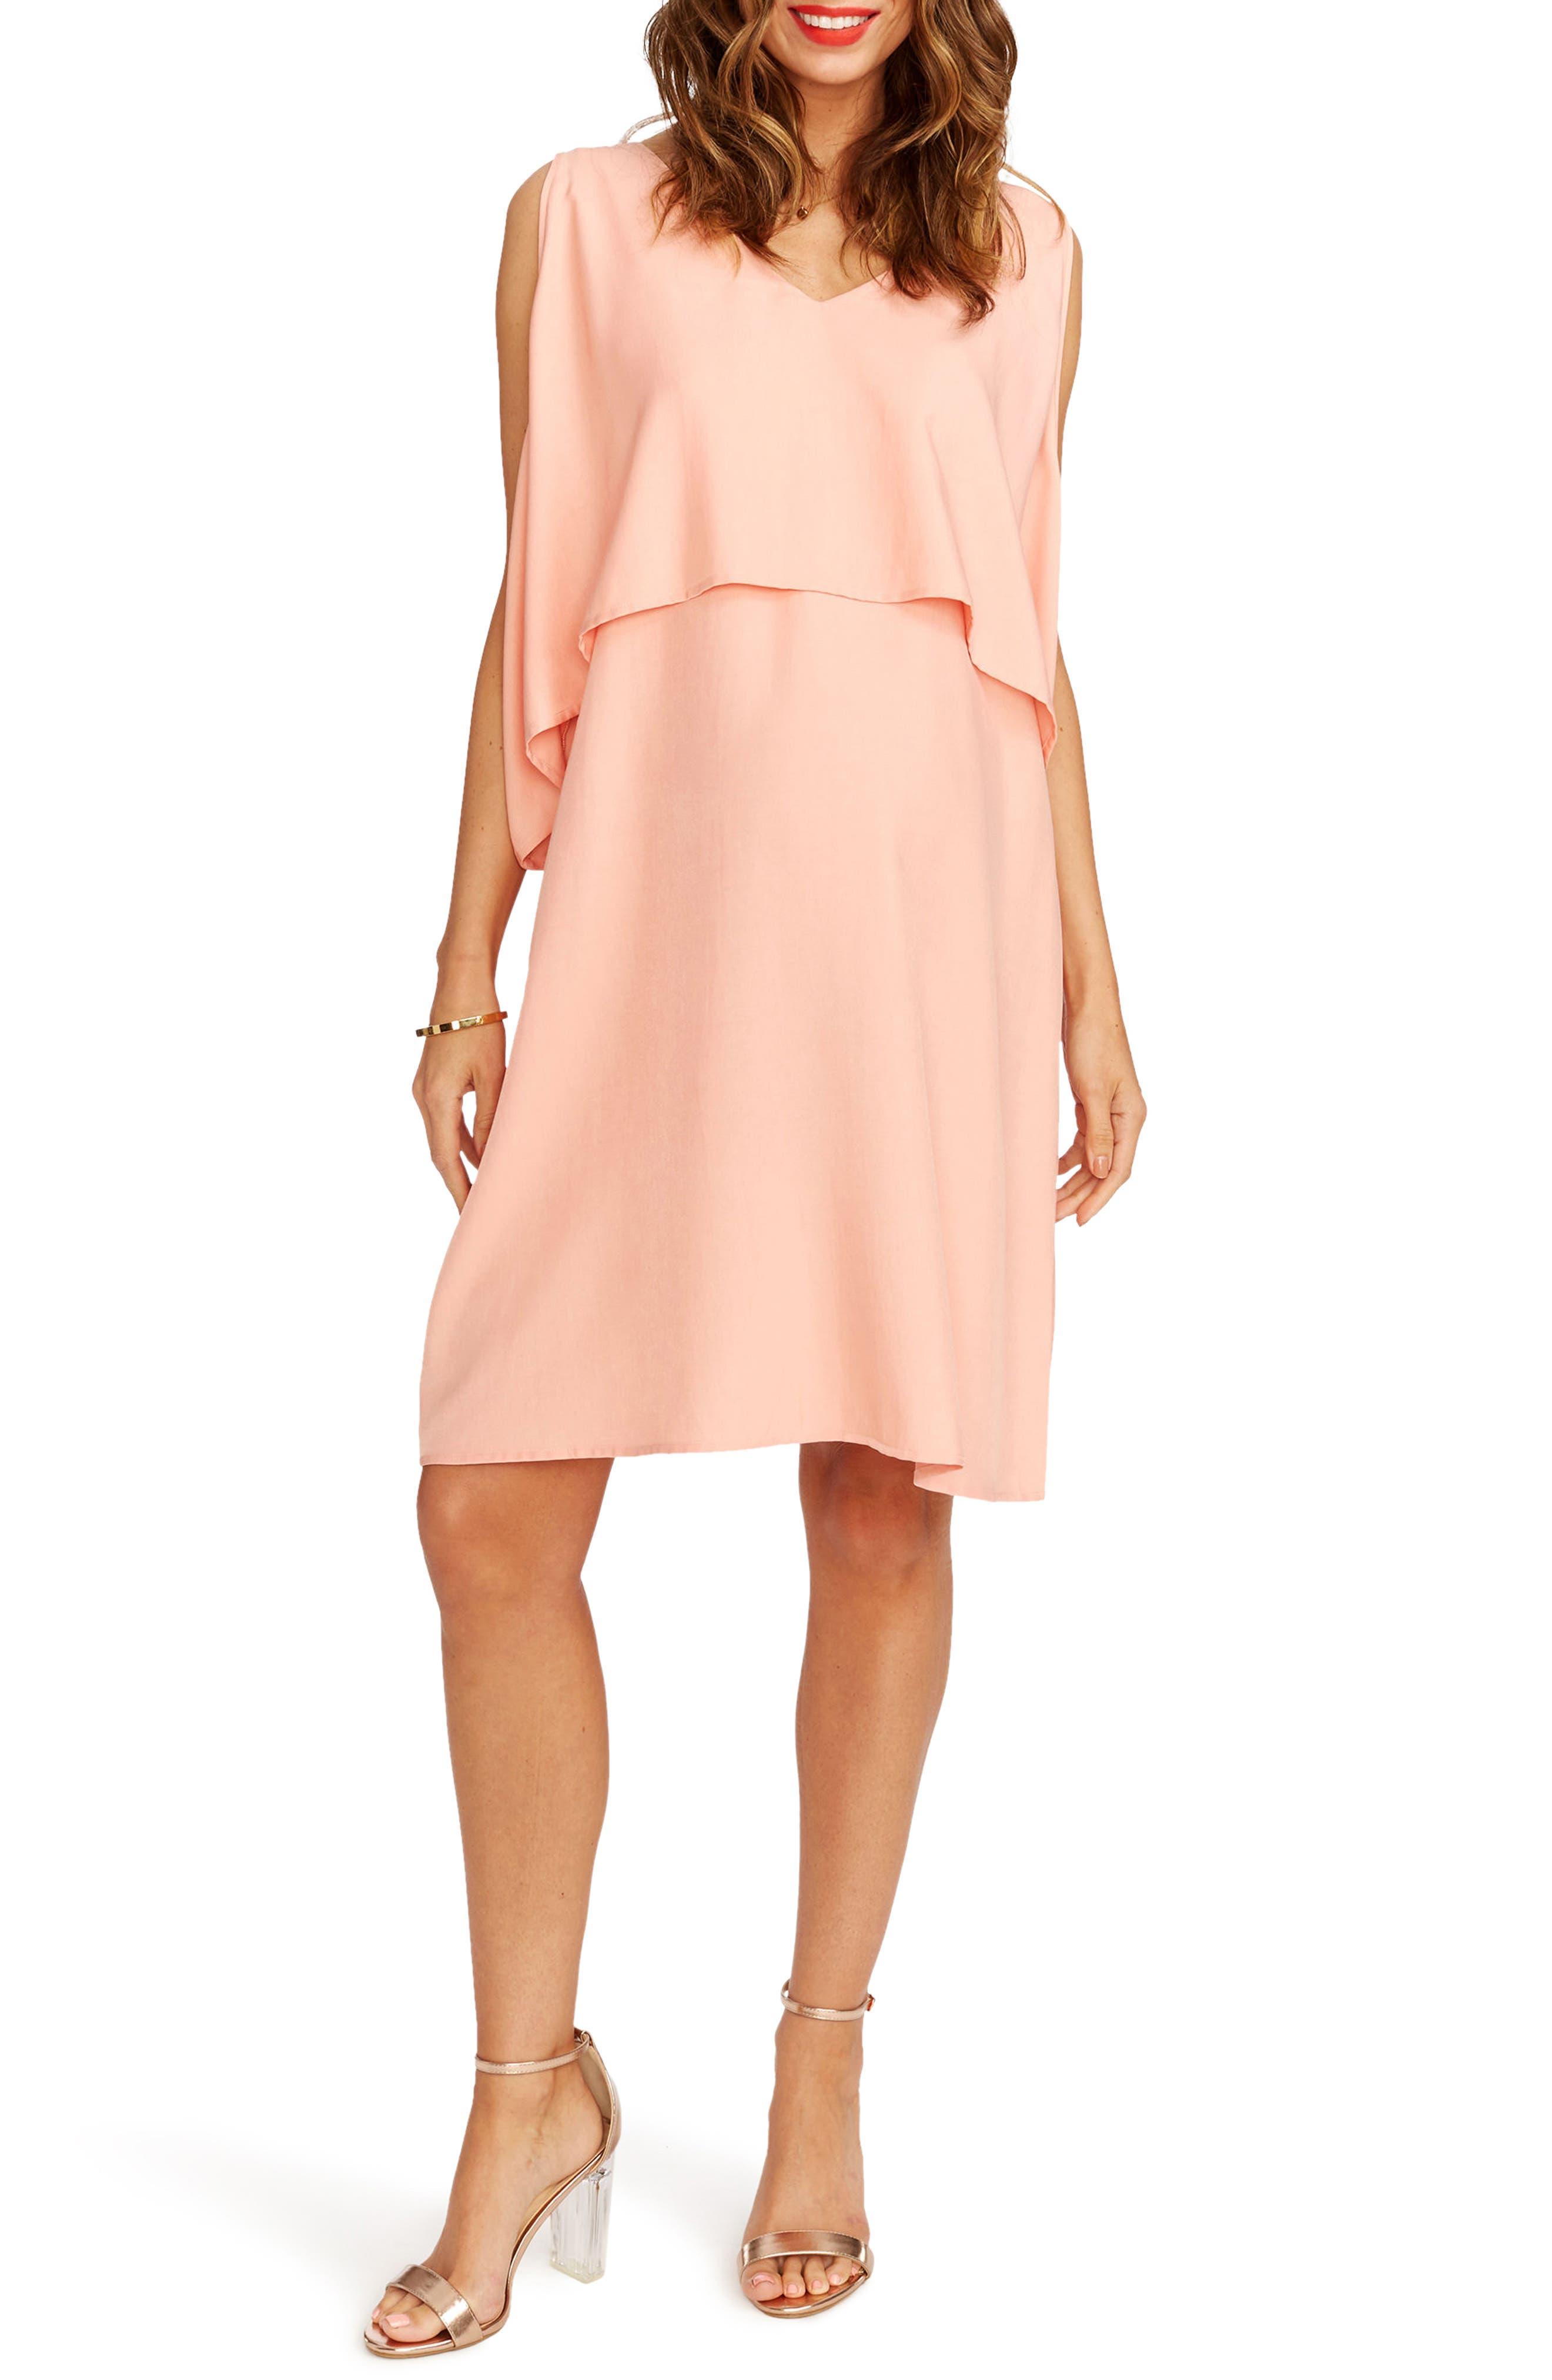 Rosie Pope Janie Maternity Dress